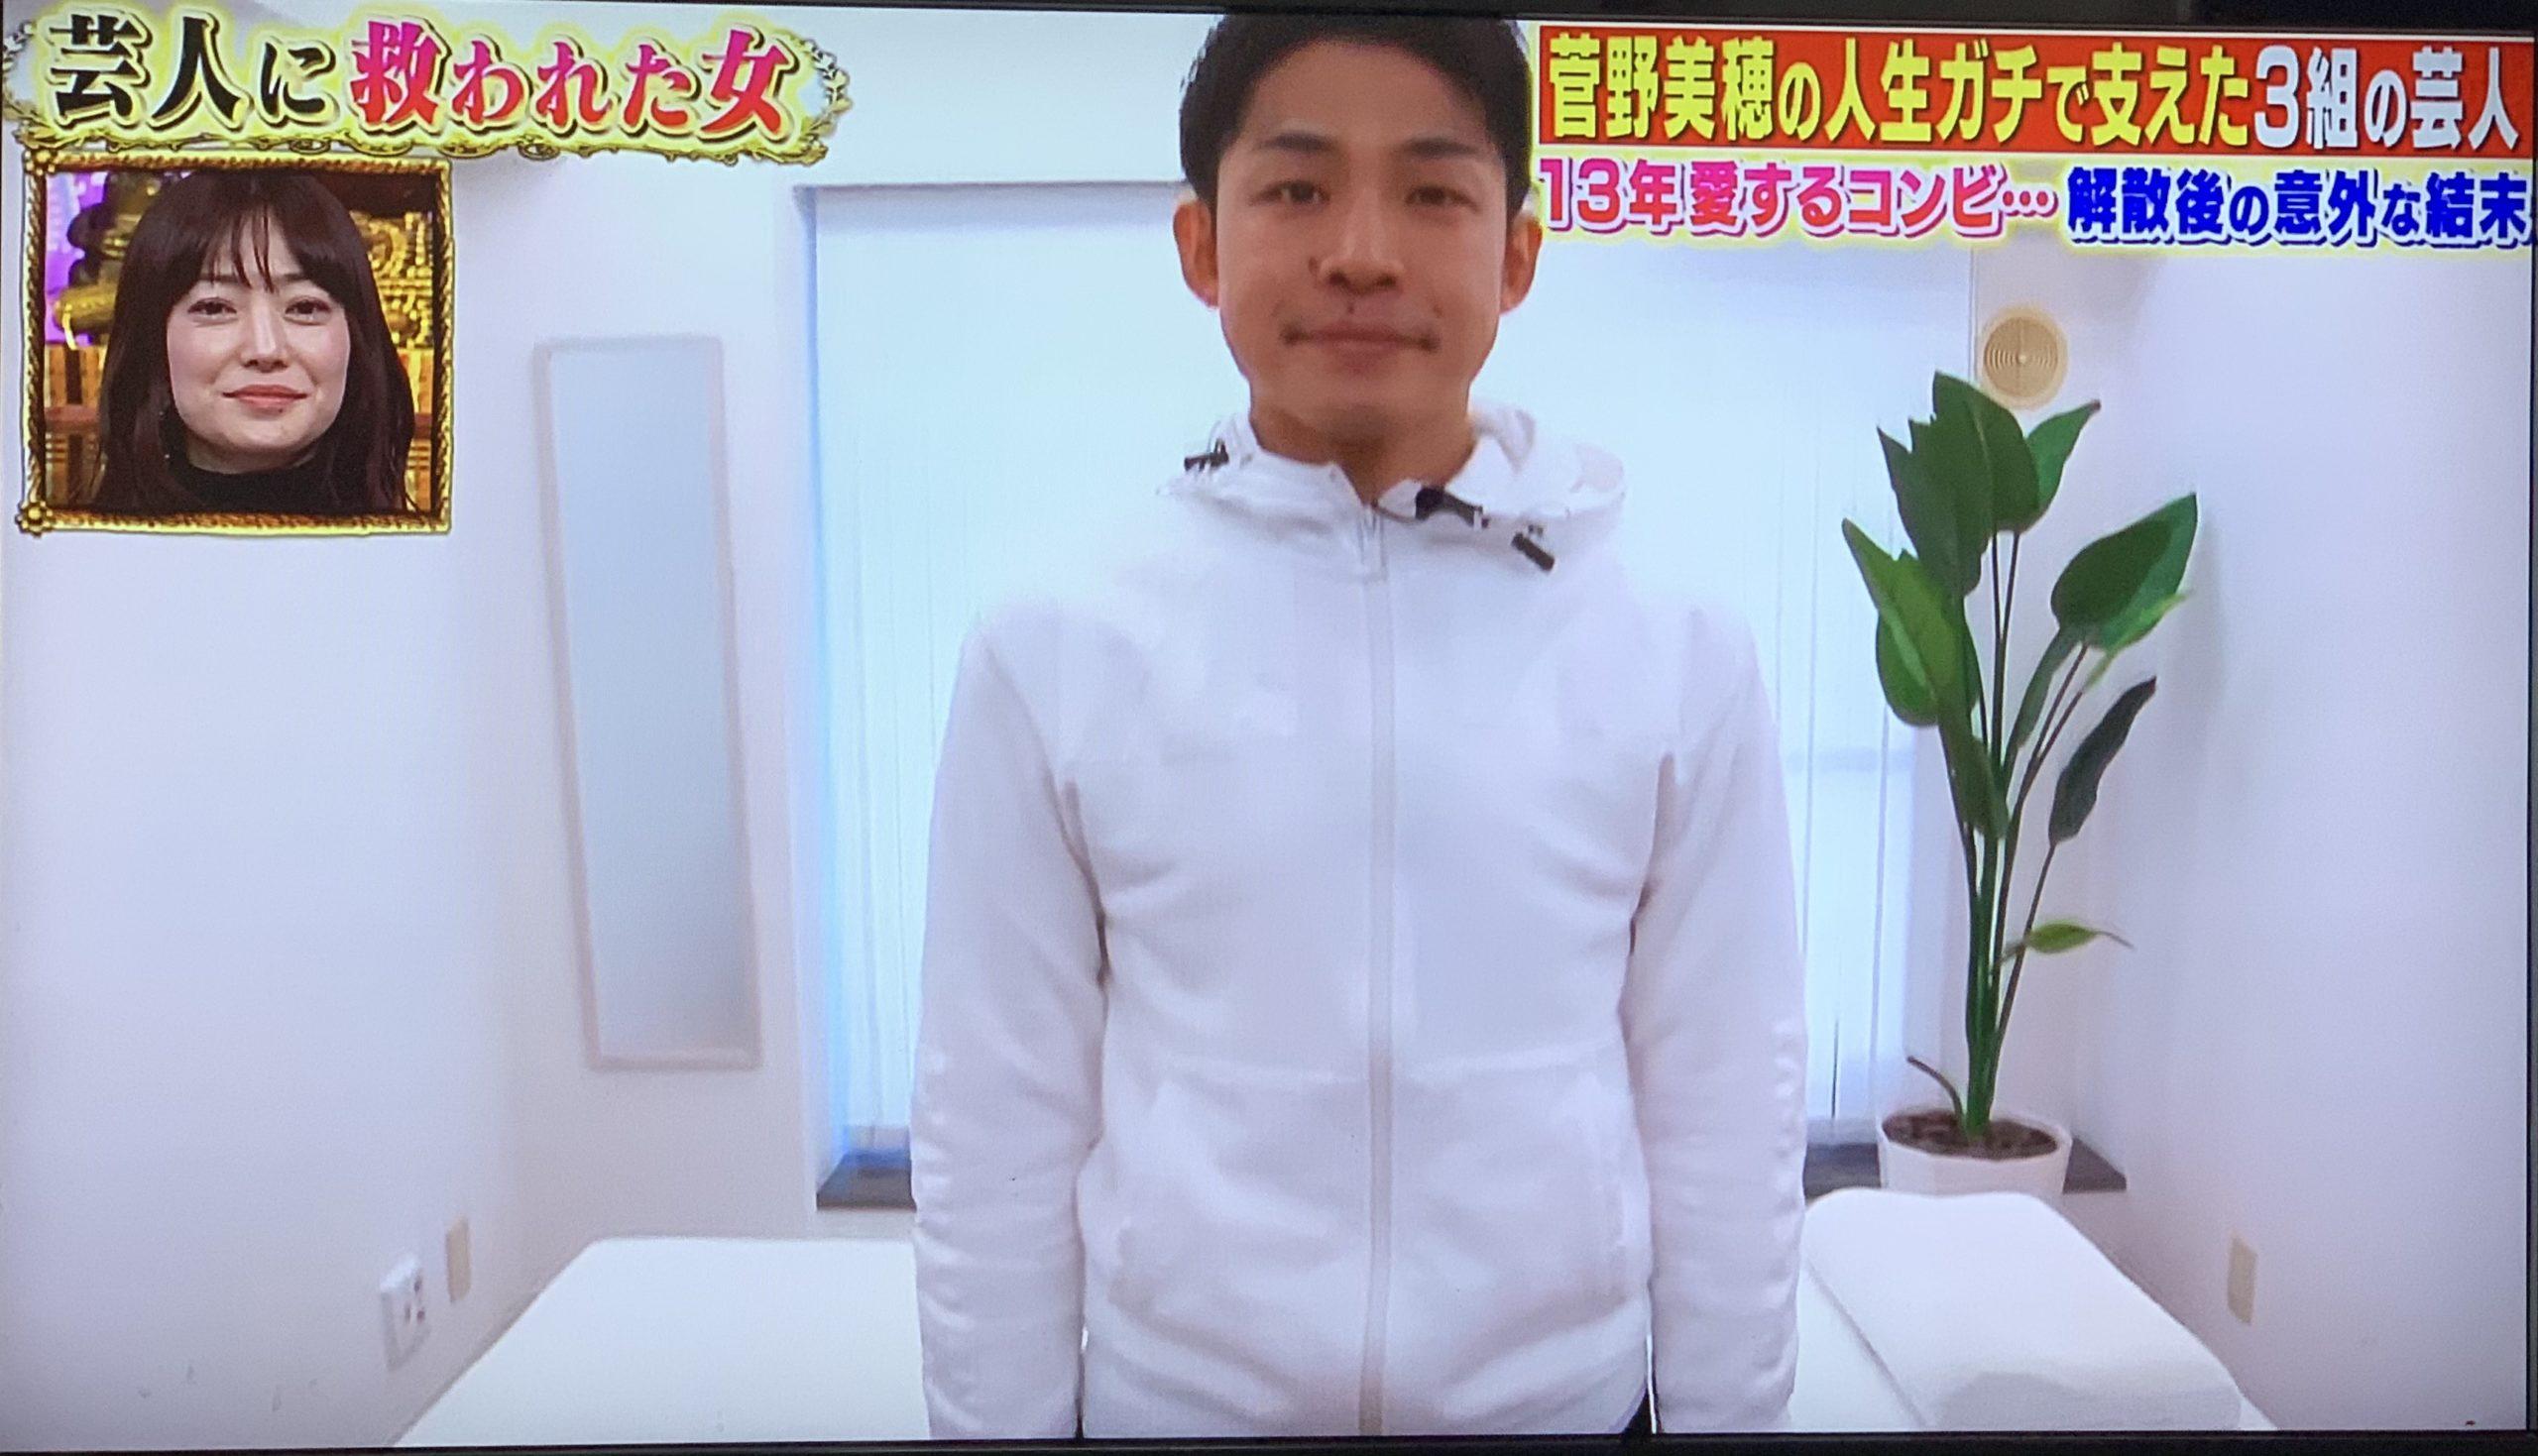 山田直人はパーソナルジム経営